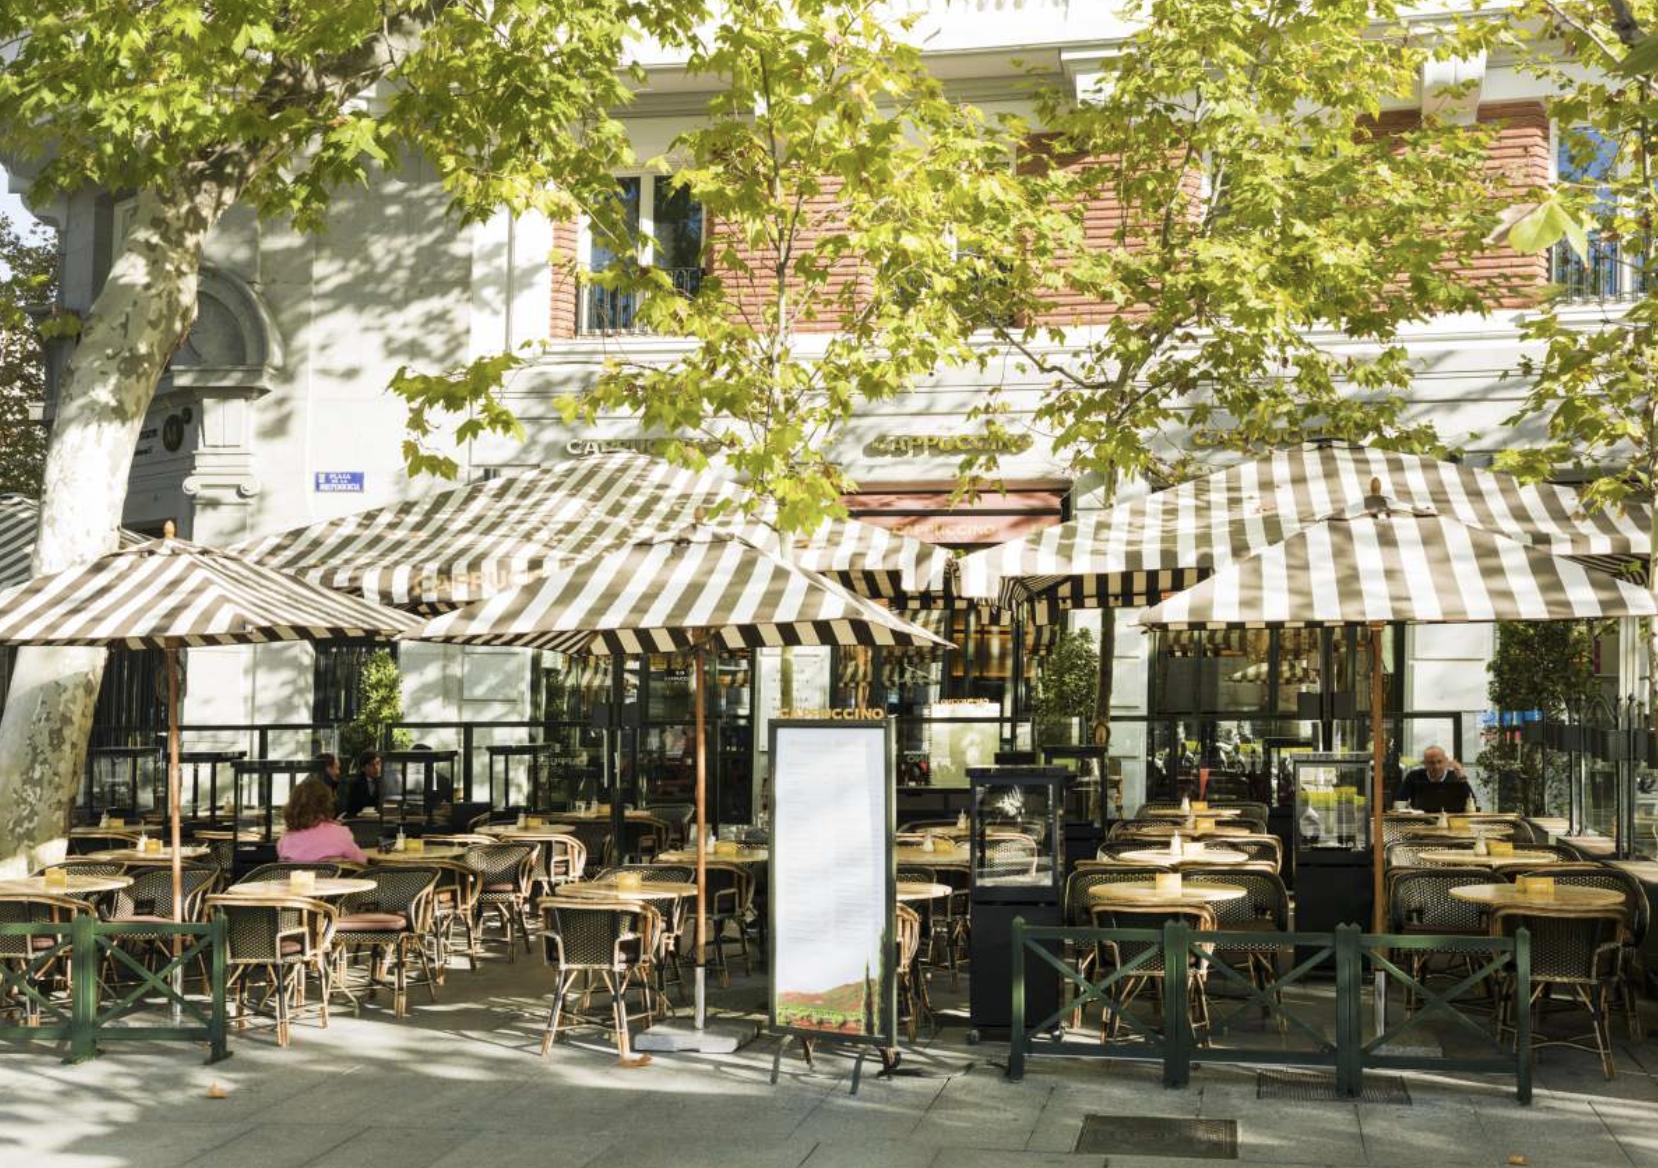 Terraza del Capuccino Grand Café